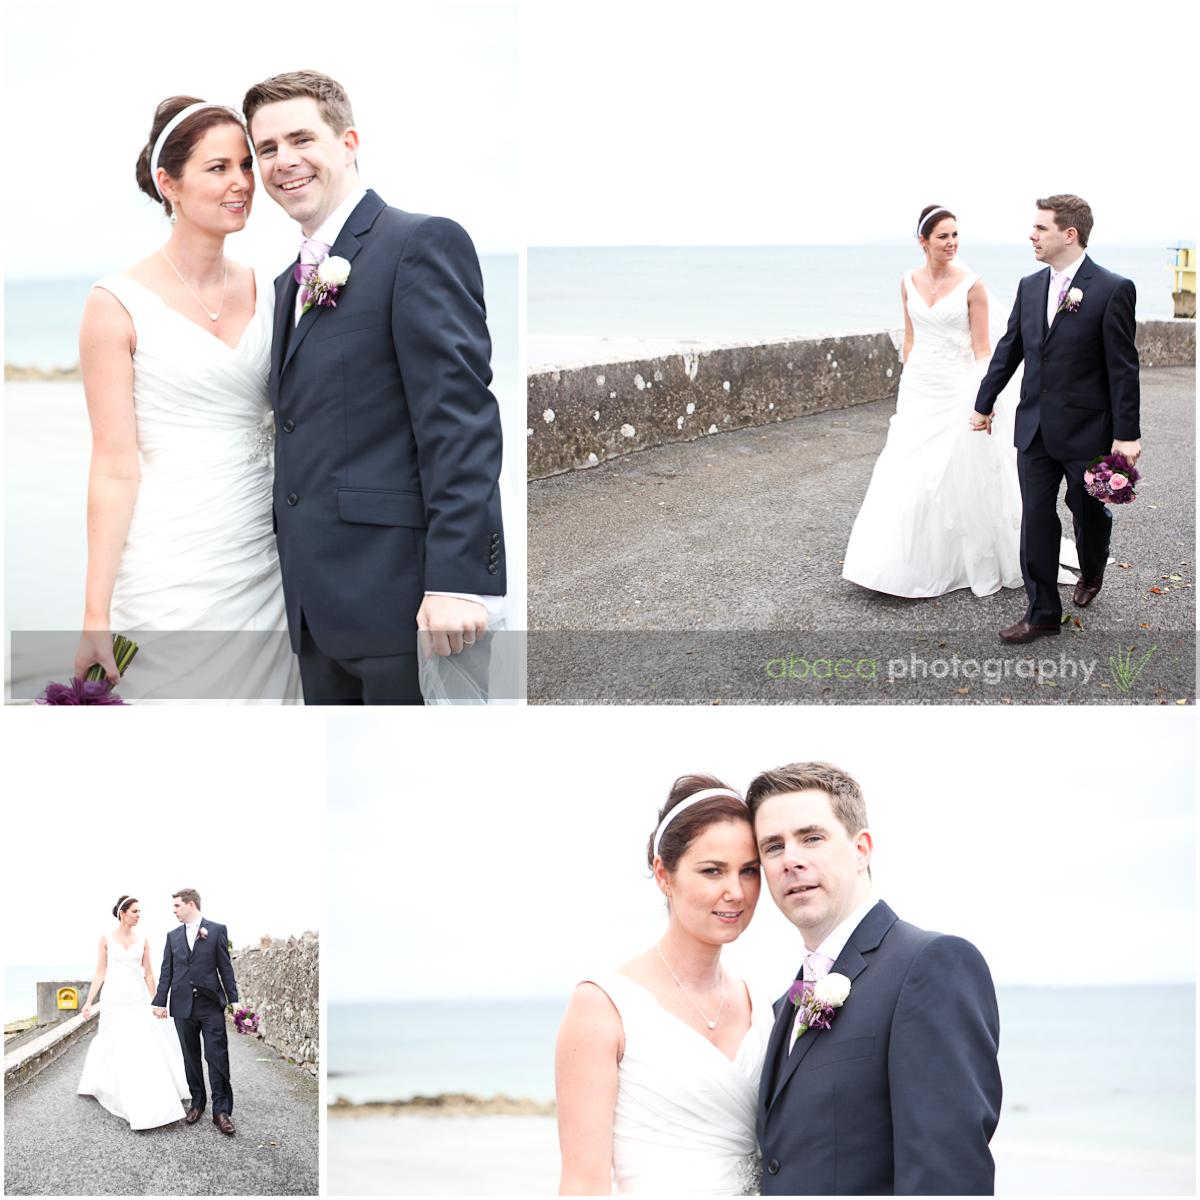 abaca photography | wedding photographer westport mayo ireland ...